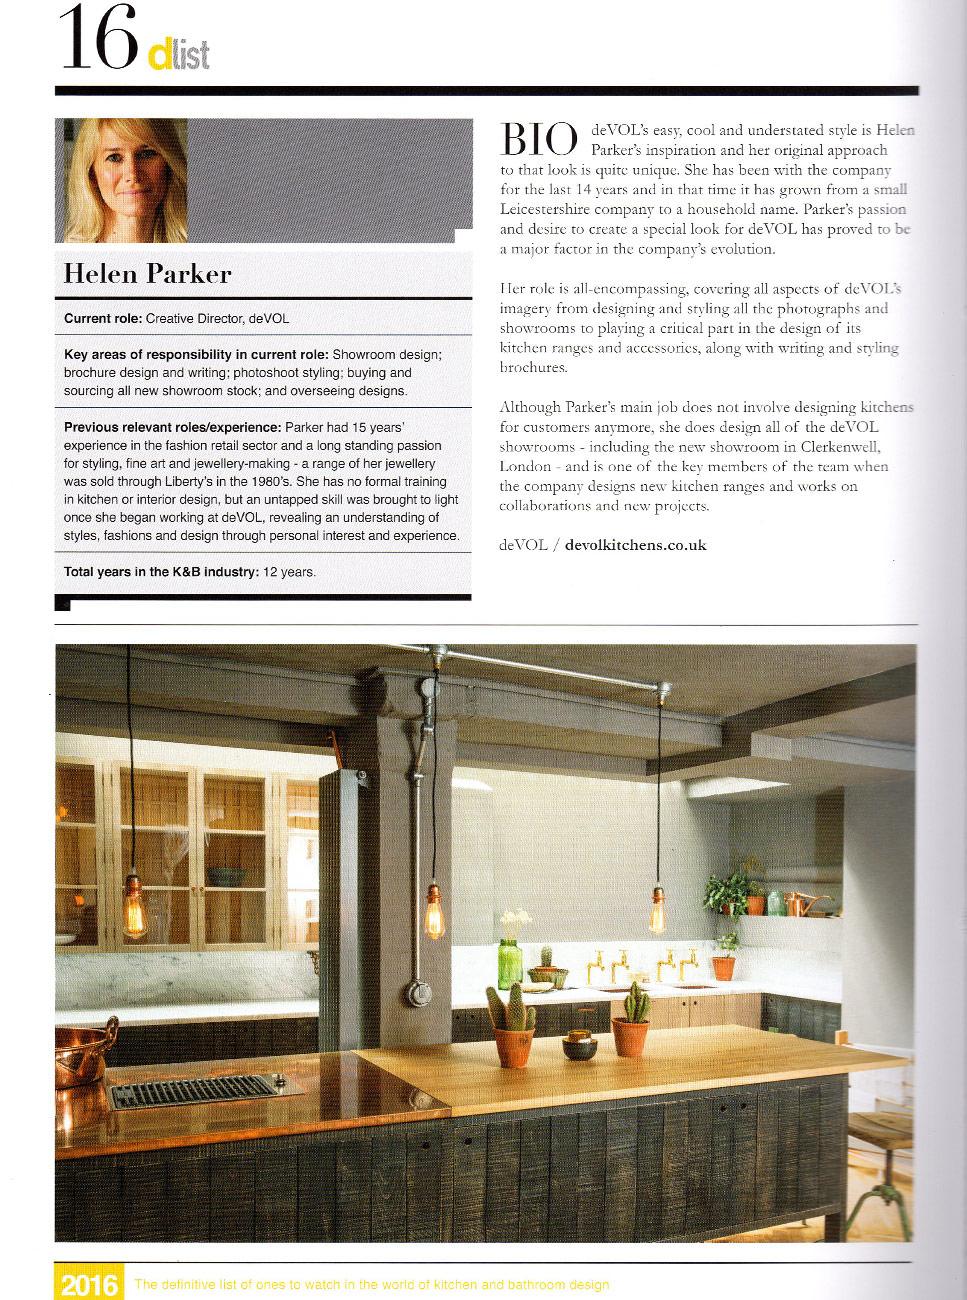 Tolle Küche Und Bad Design Jobs Pitts Fotos - Ideen Für Die Küche ...